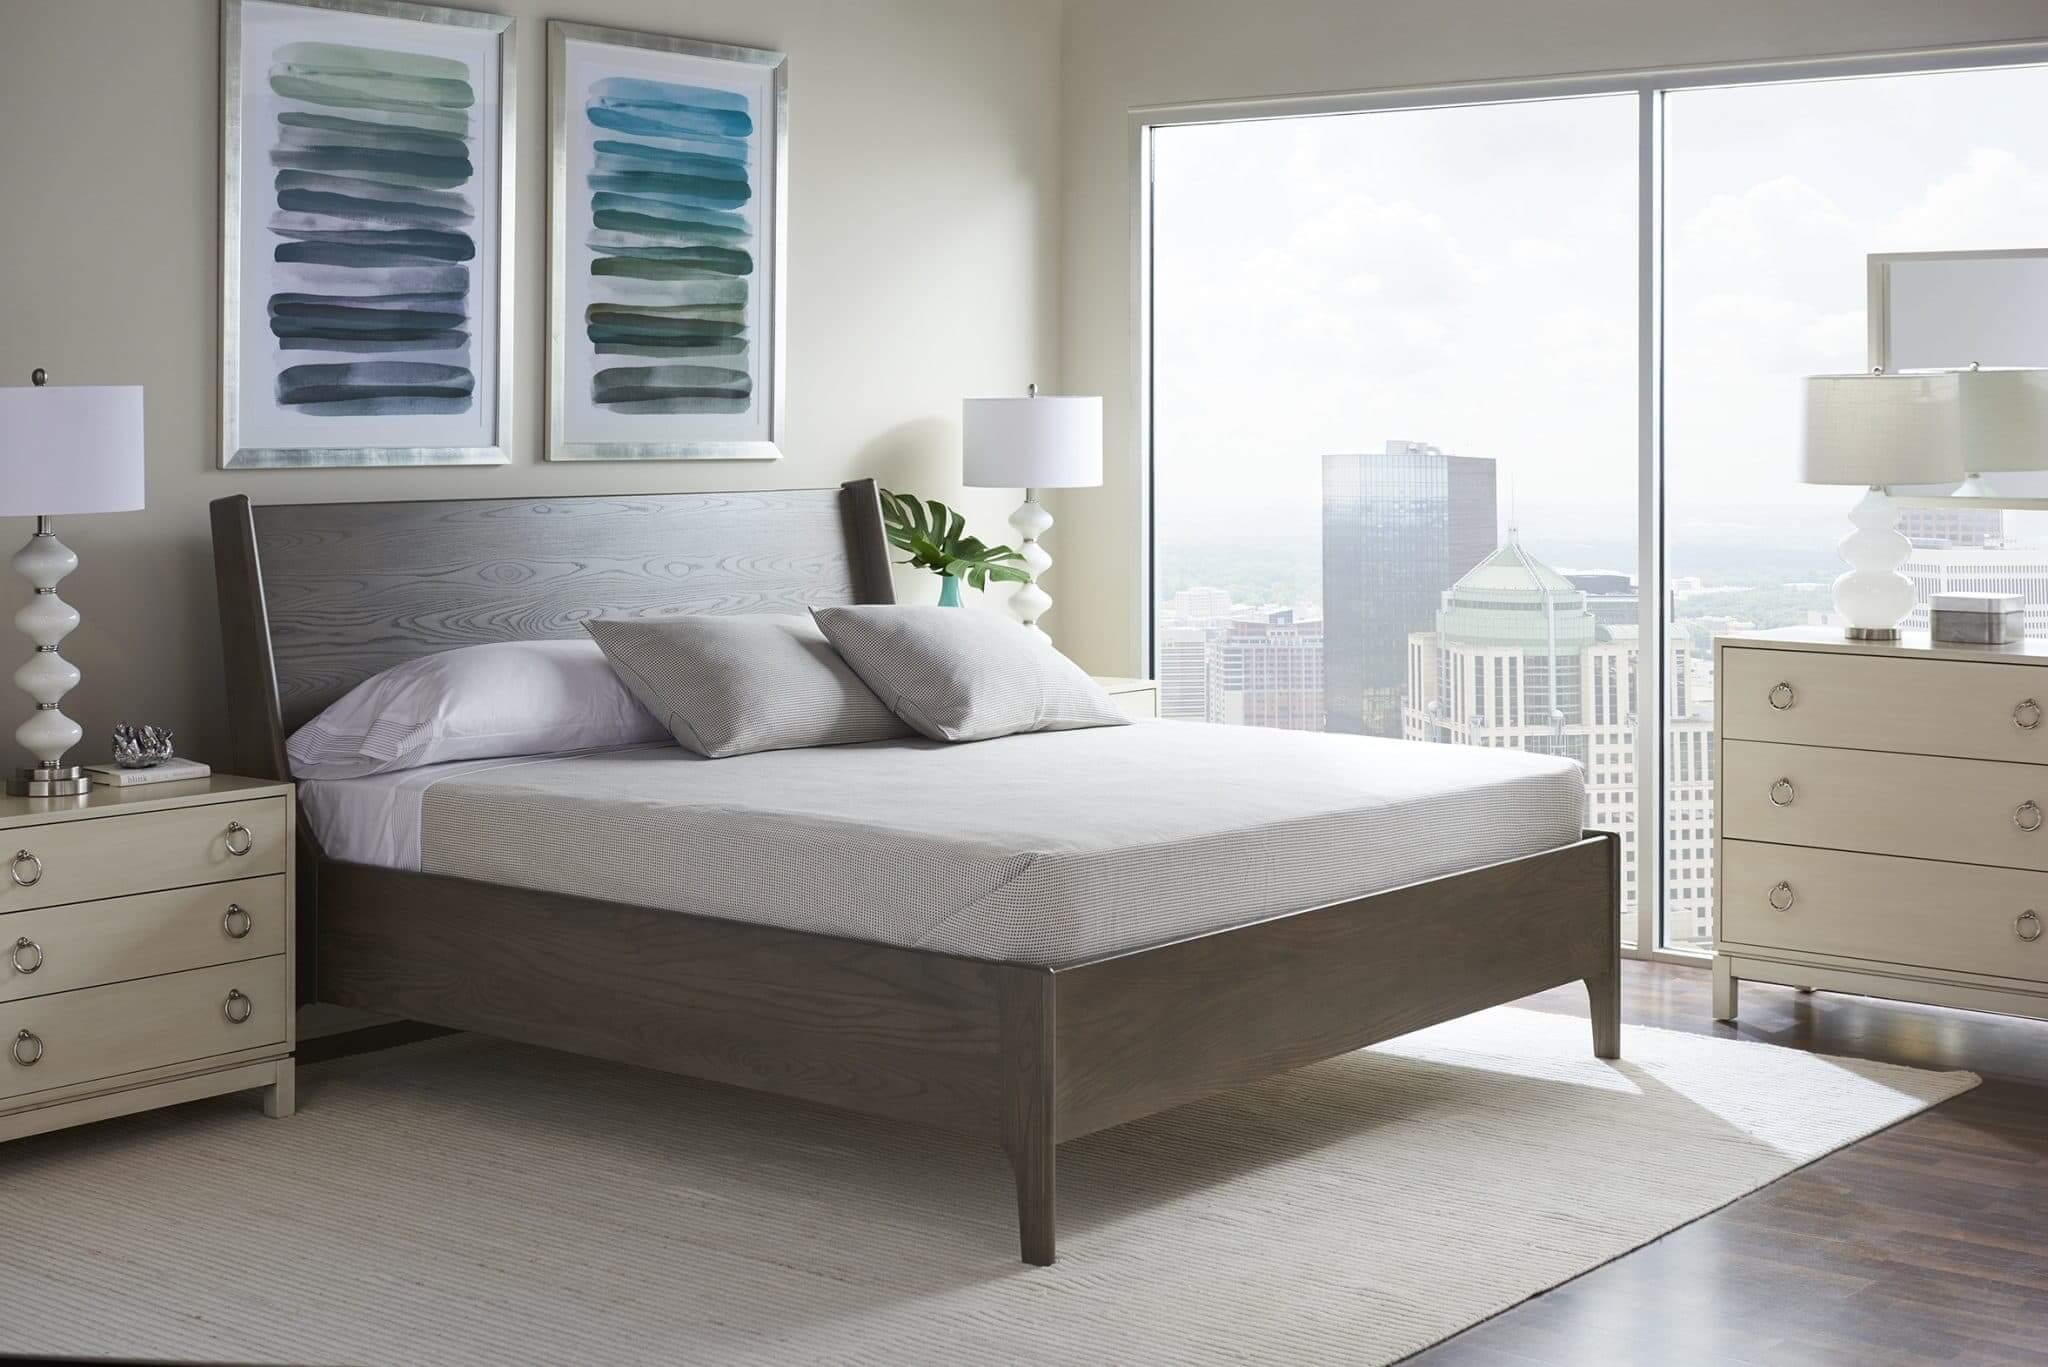 Bedroom-Sunbury-King-Gat-Creek-UrbanModern.